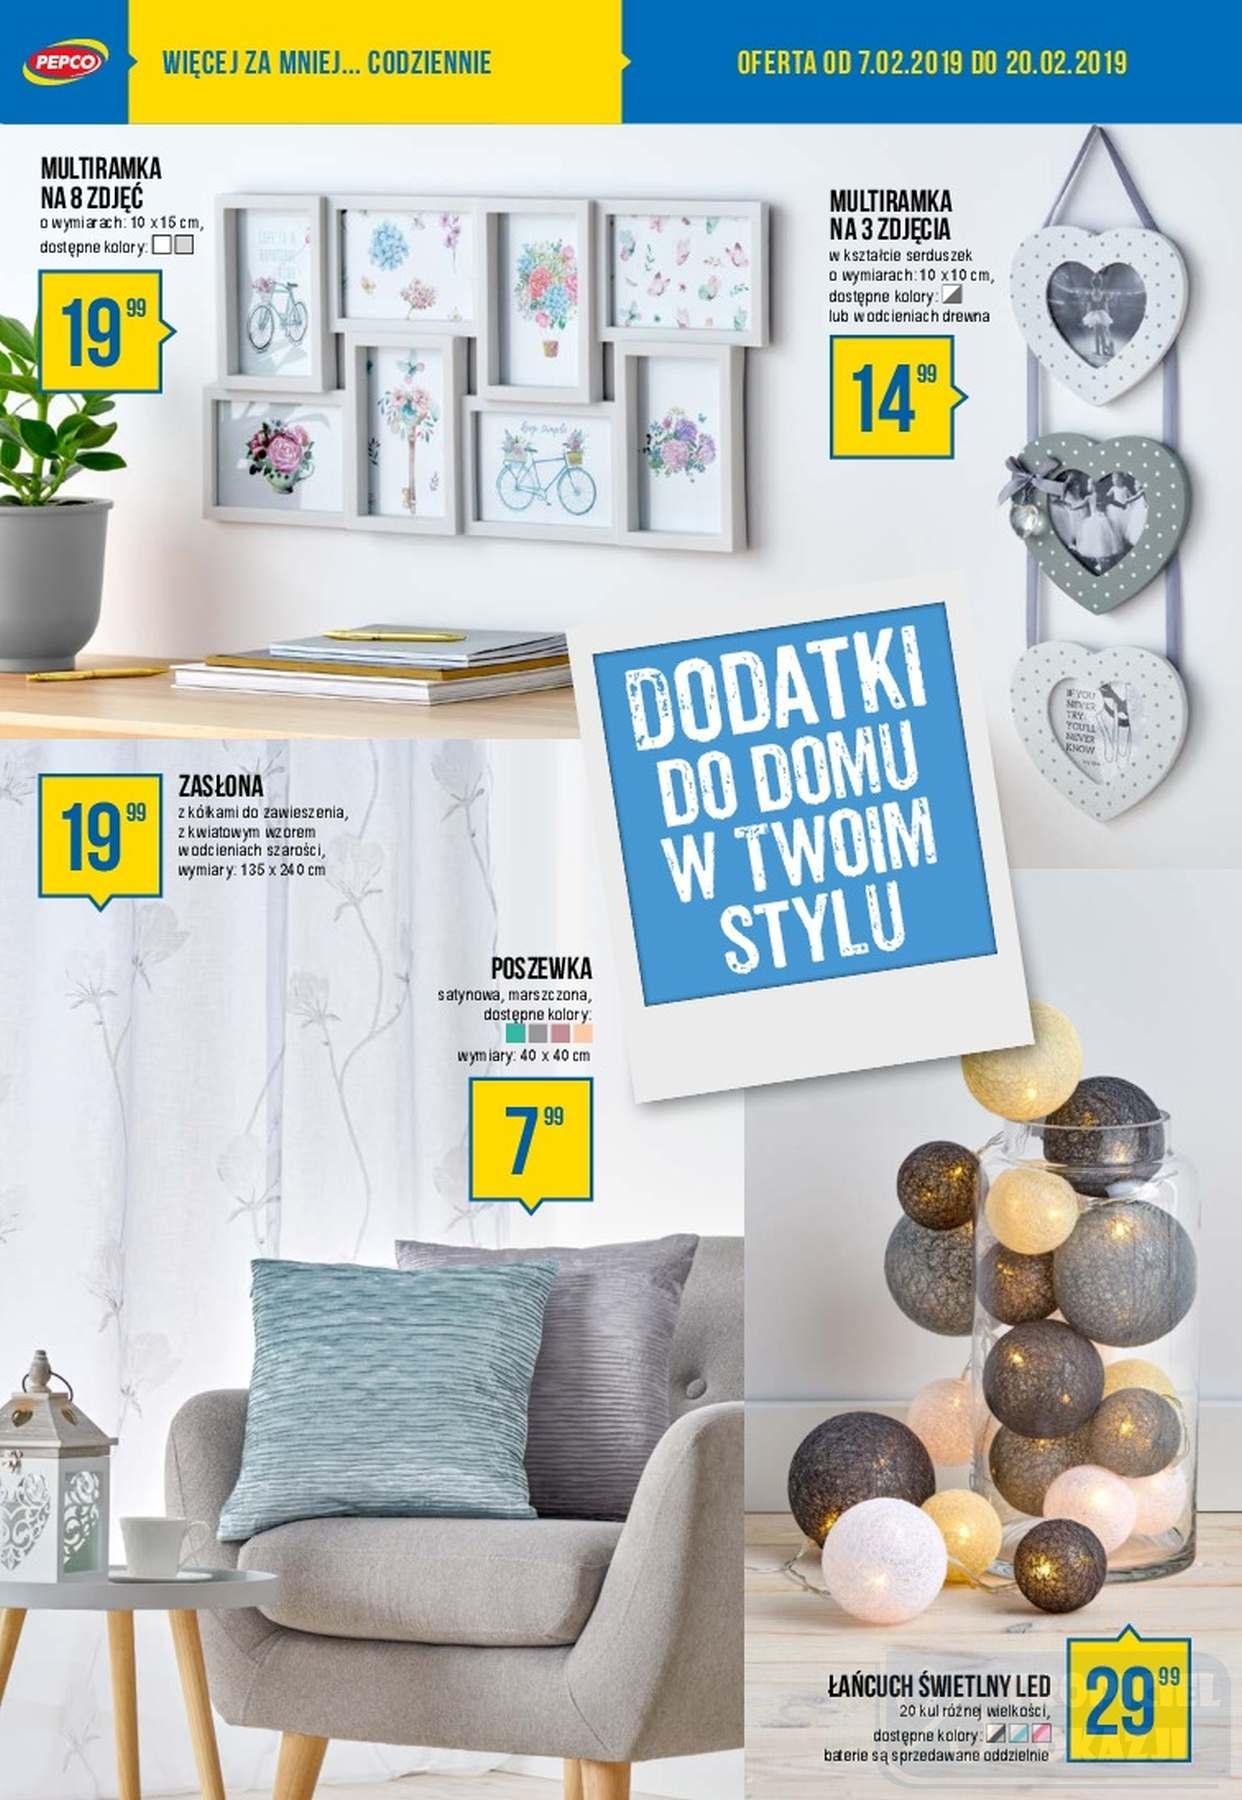 Gazetka promocyjna Pepco do 20/02/2019 str.6